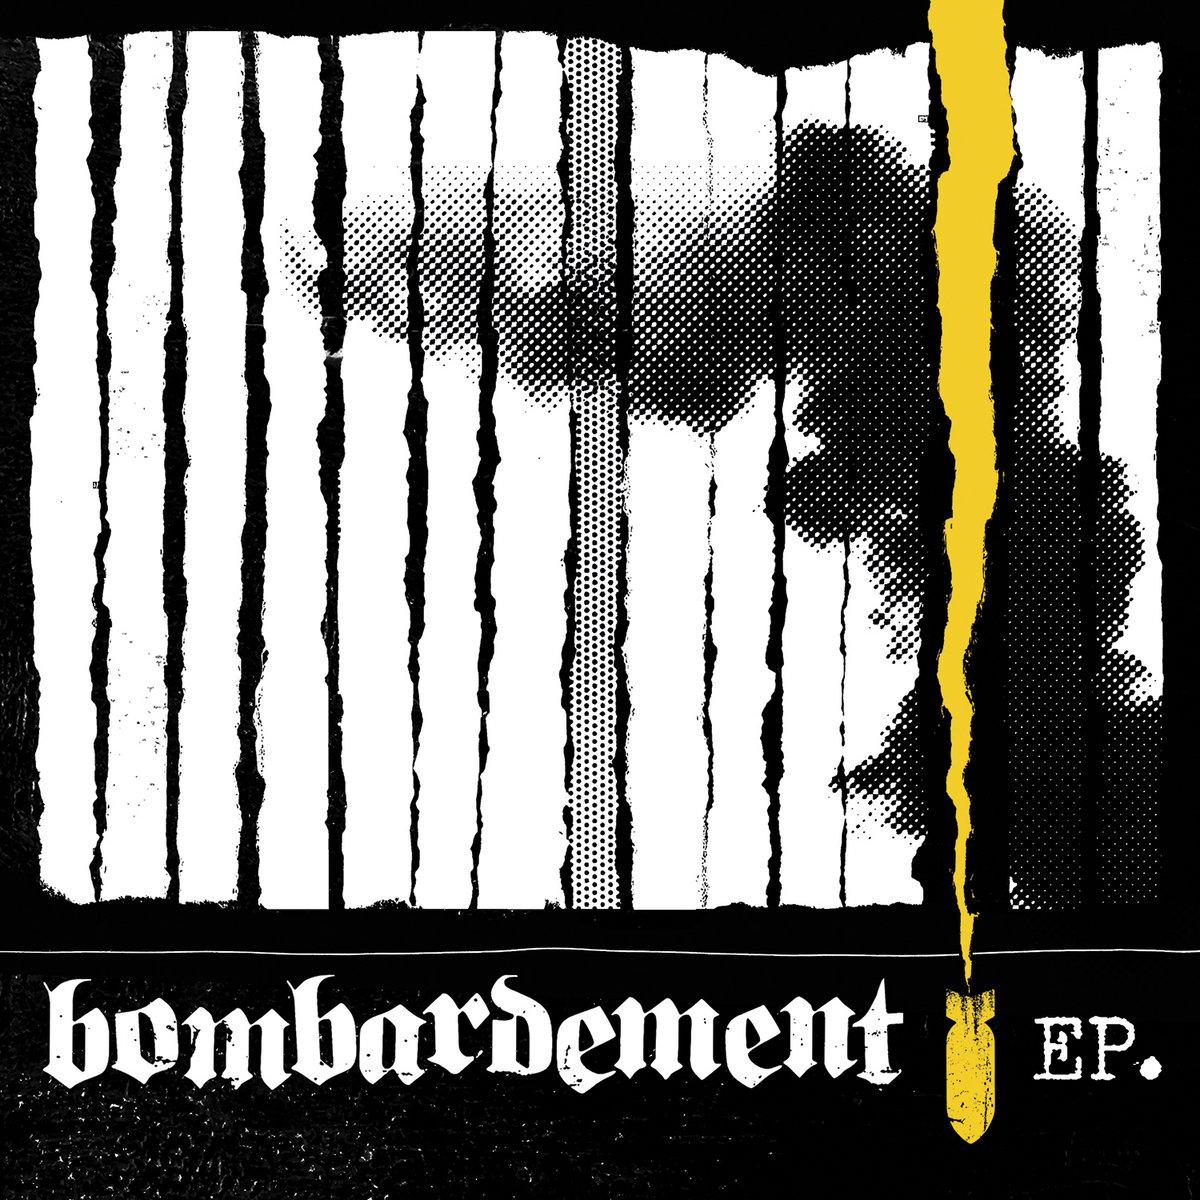 Bombardement - s/t 7